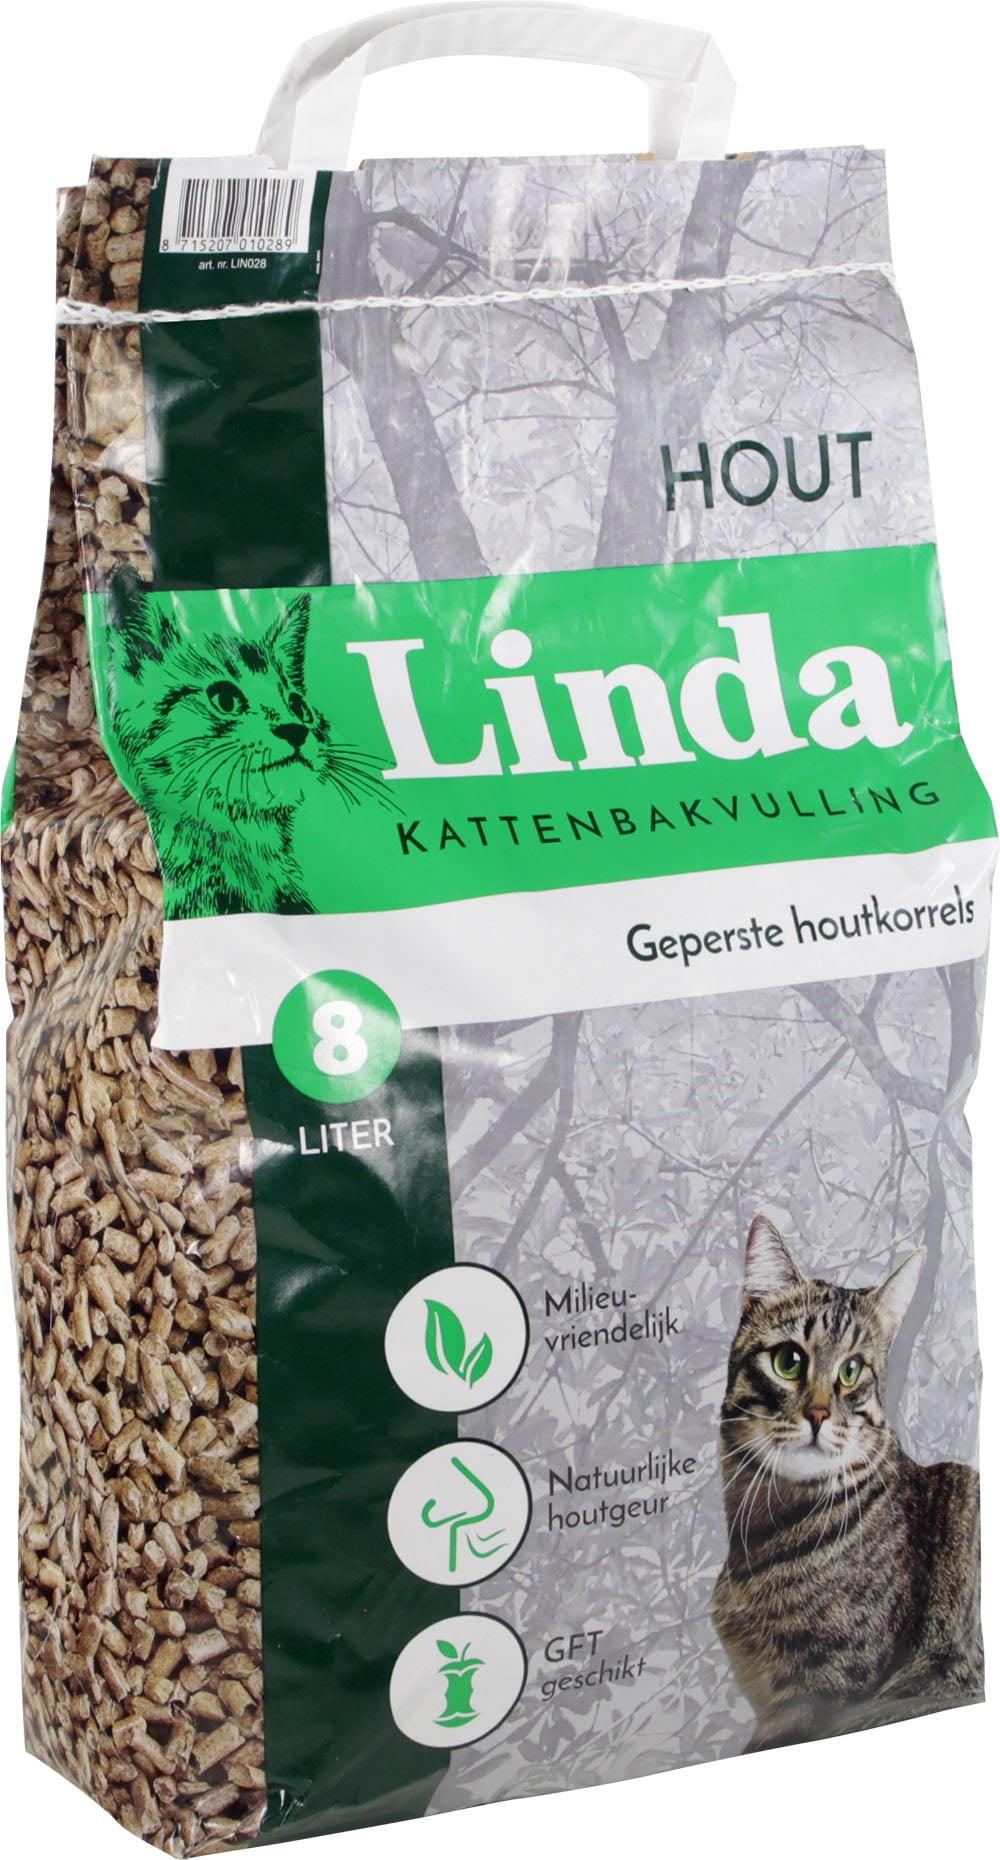 Linda Houtkorrel 8L